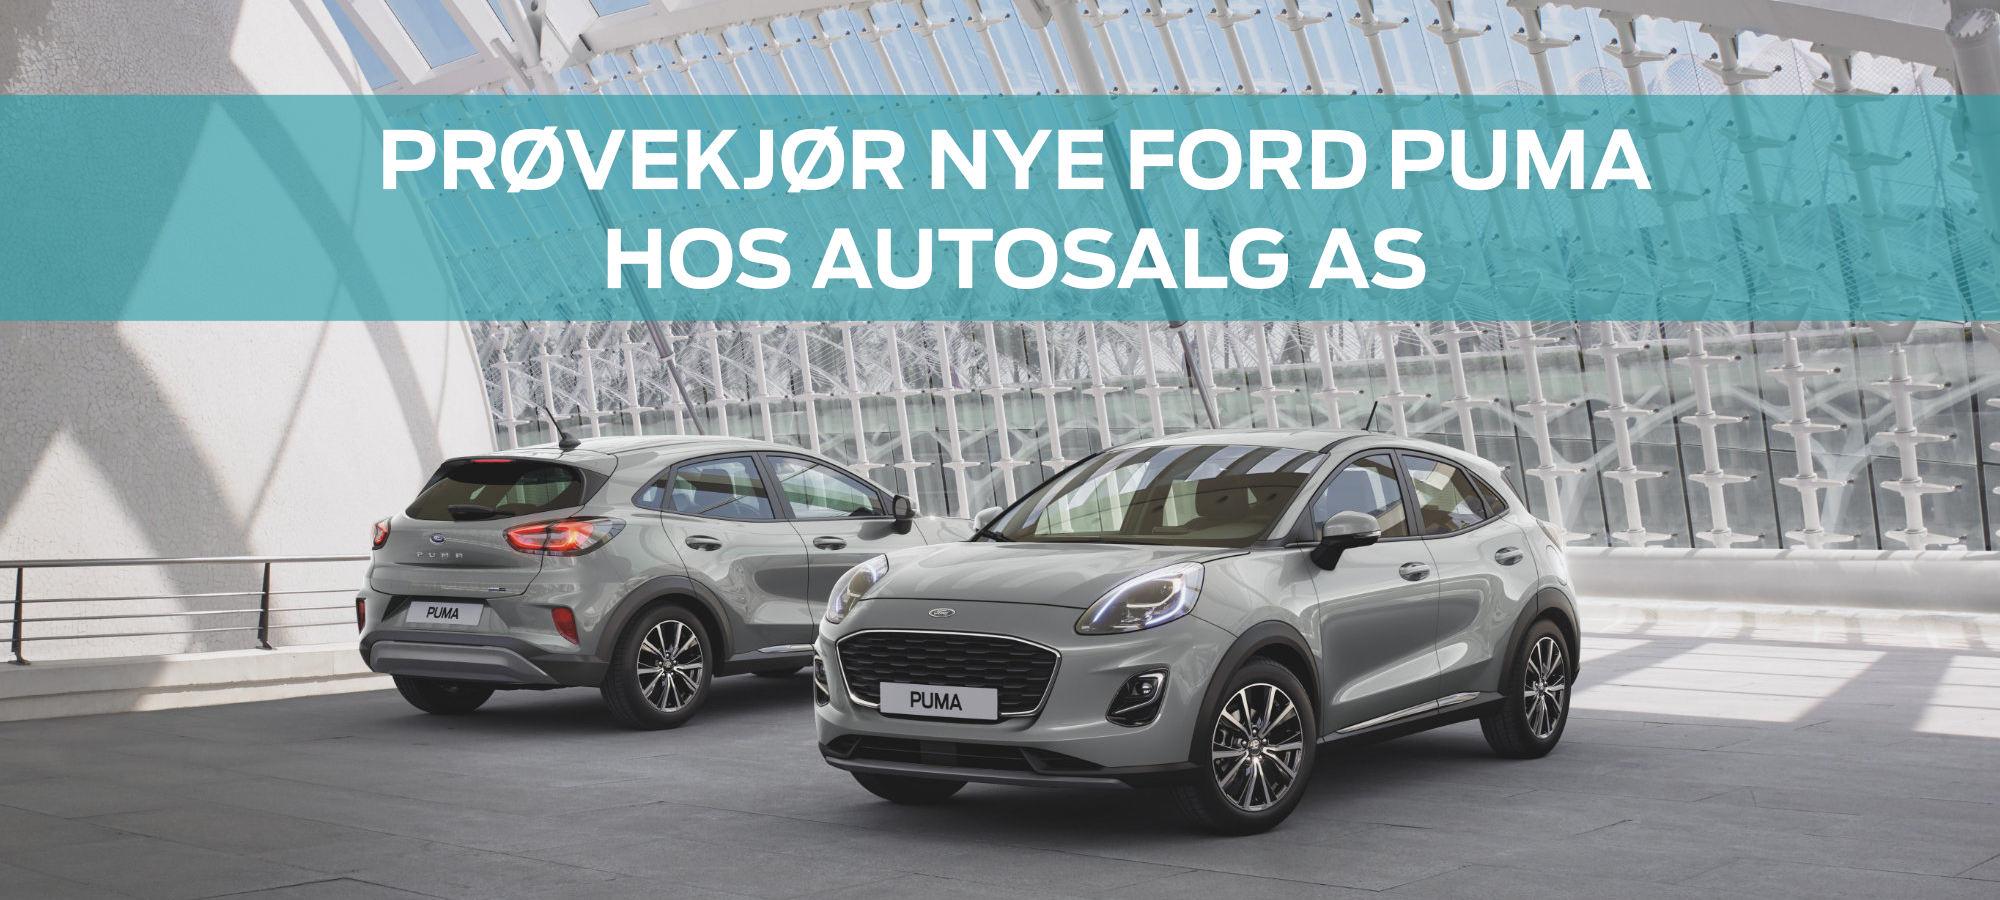 Nye Ford Puma